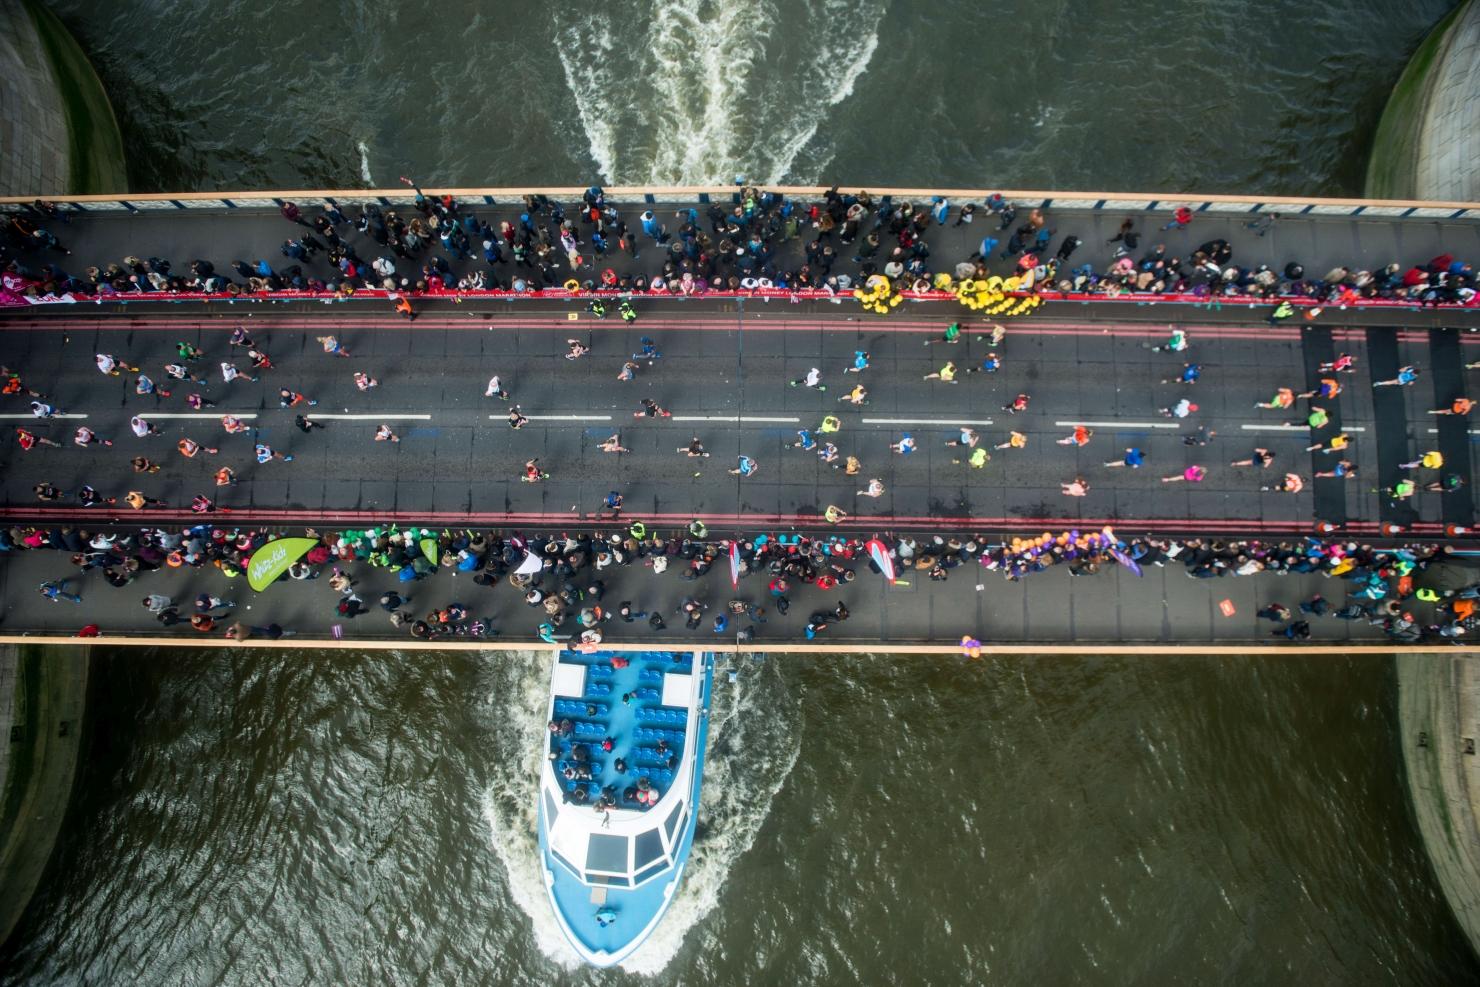 Maratonul Londrei